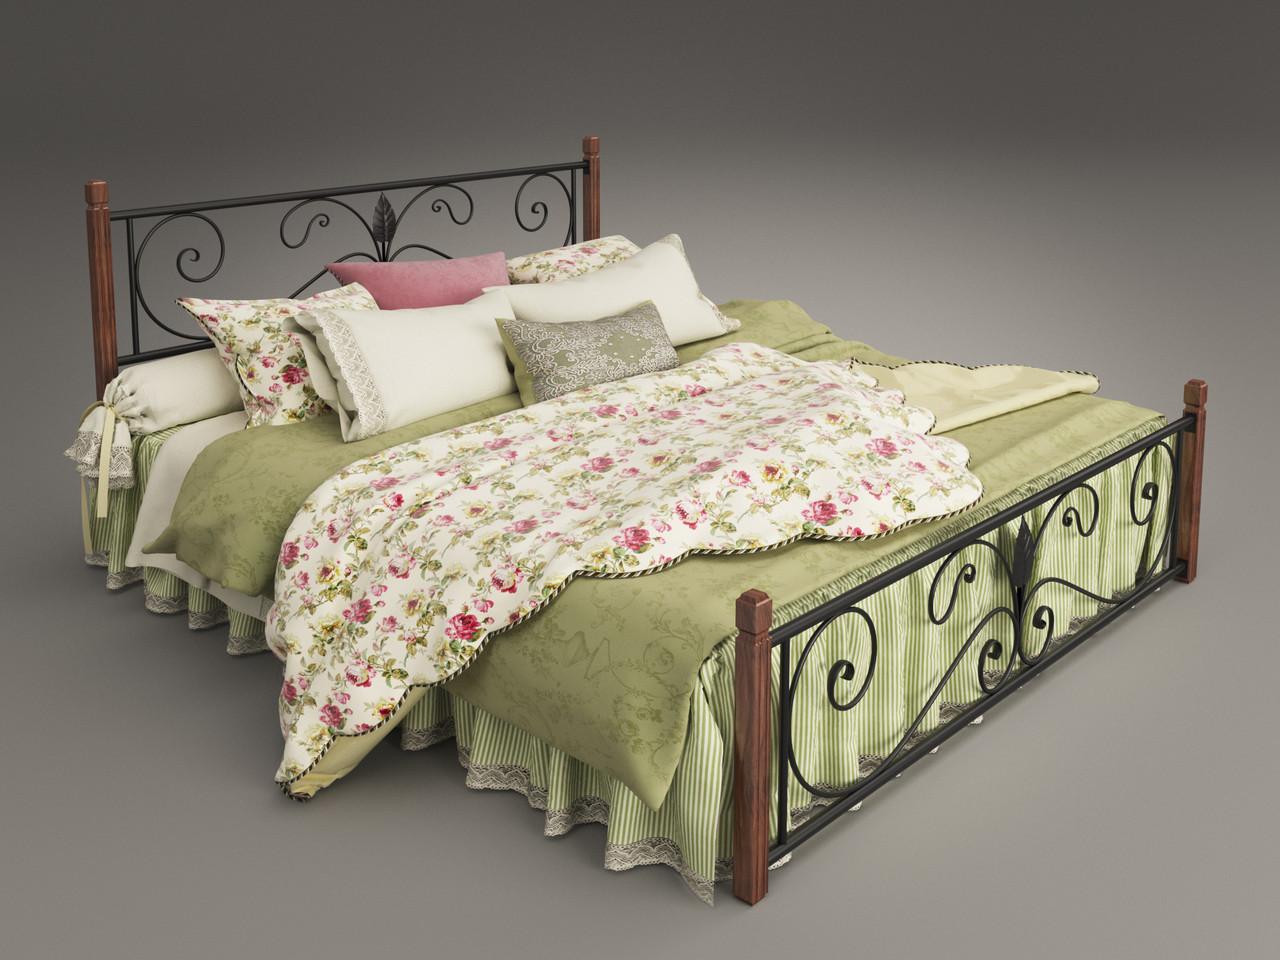 Двуспальная кровать Tenero Крокус на деревянных ножках, металлическая